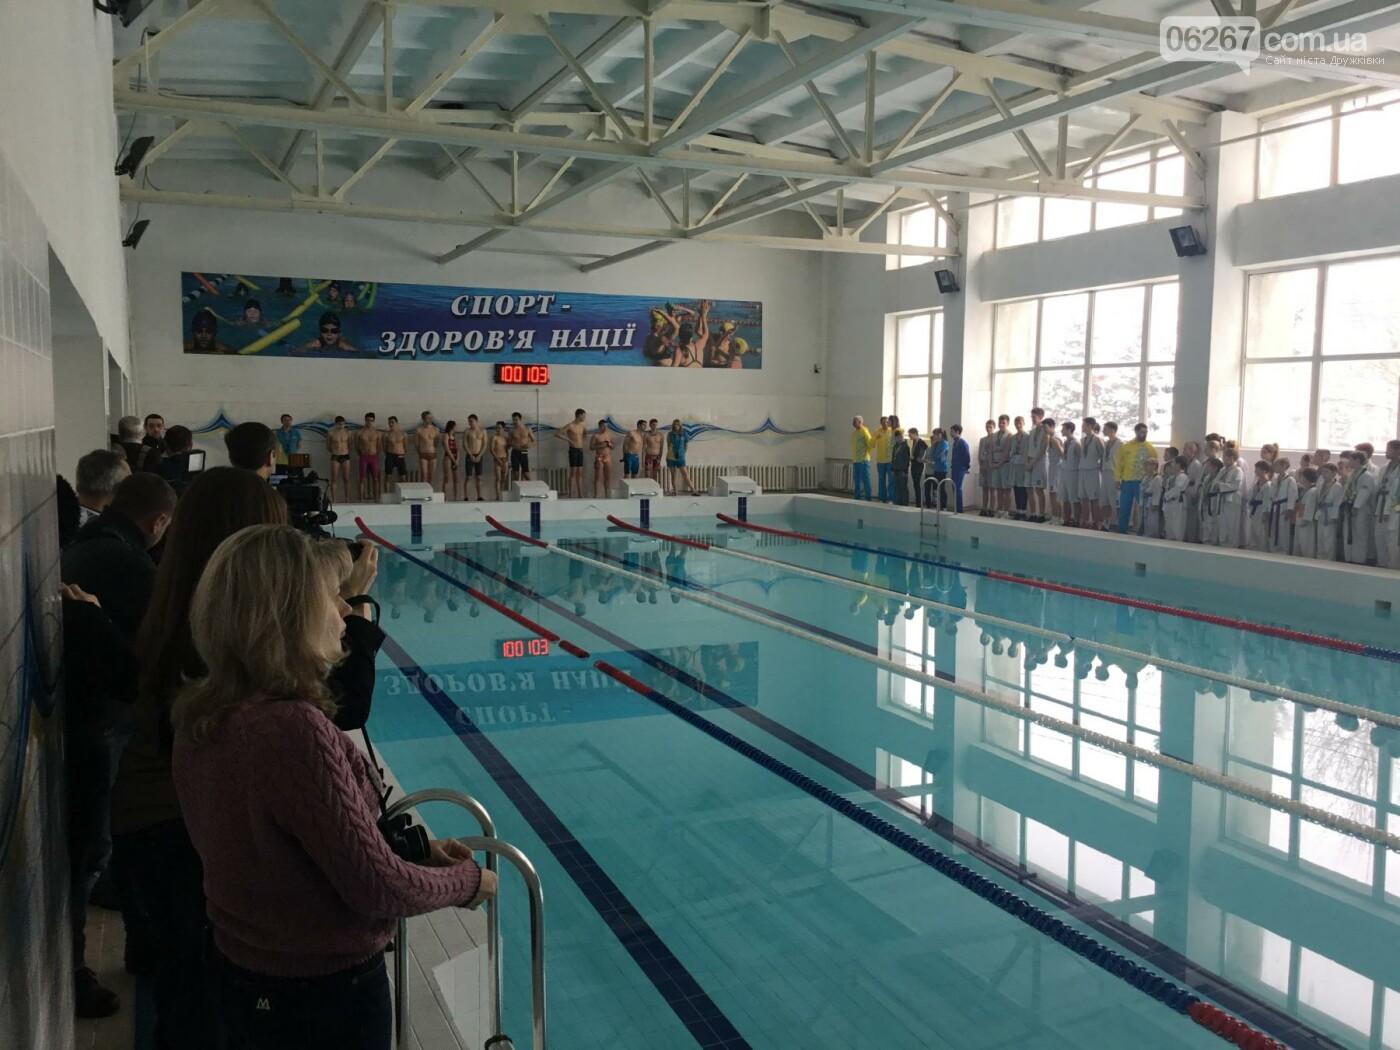 Бассейн в Дружковке открыт: Секция плавания заработает с 1 февраля, и для детей она будет бесплатной, фото-1